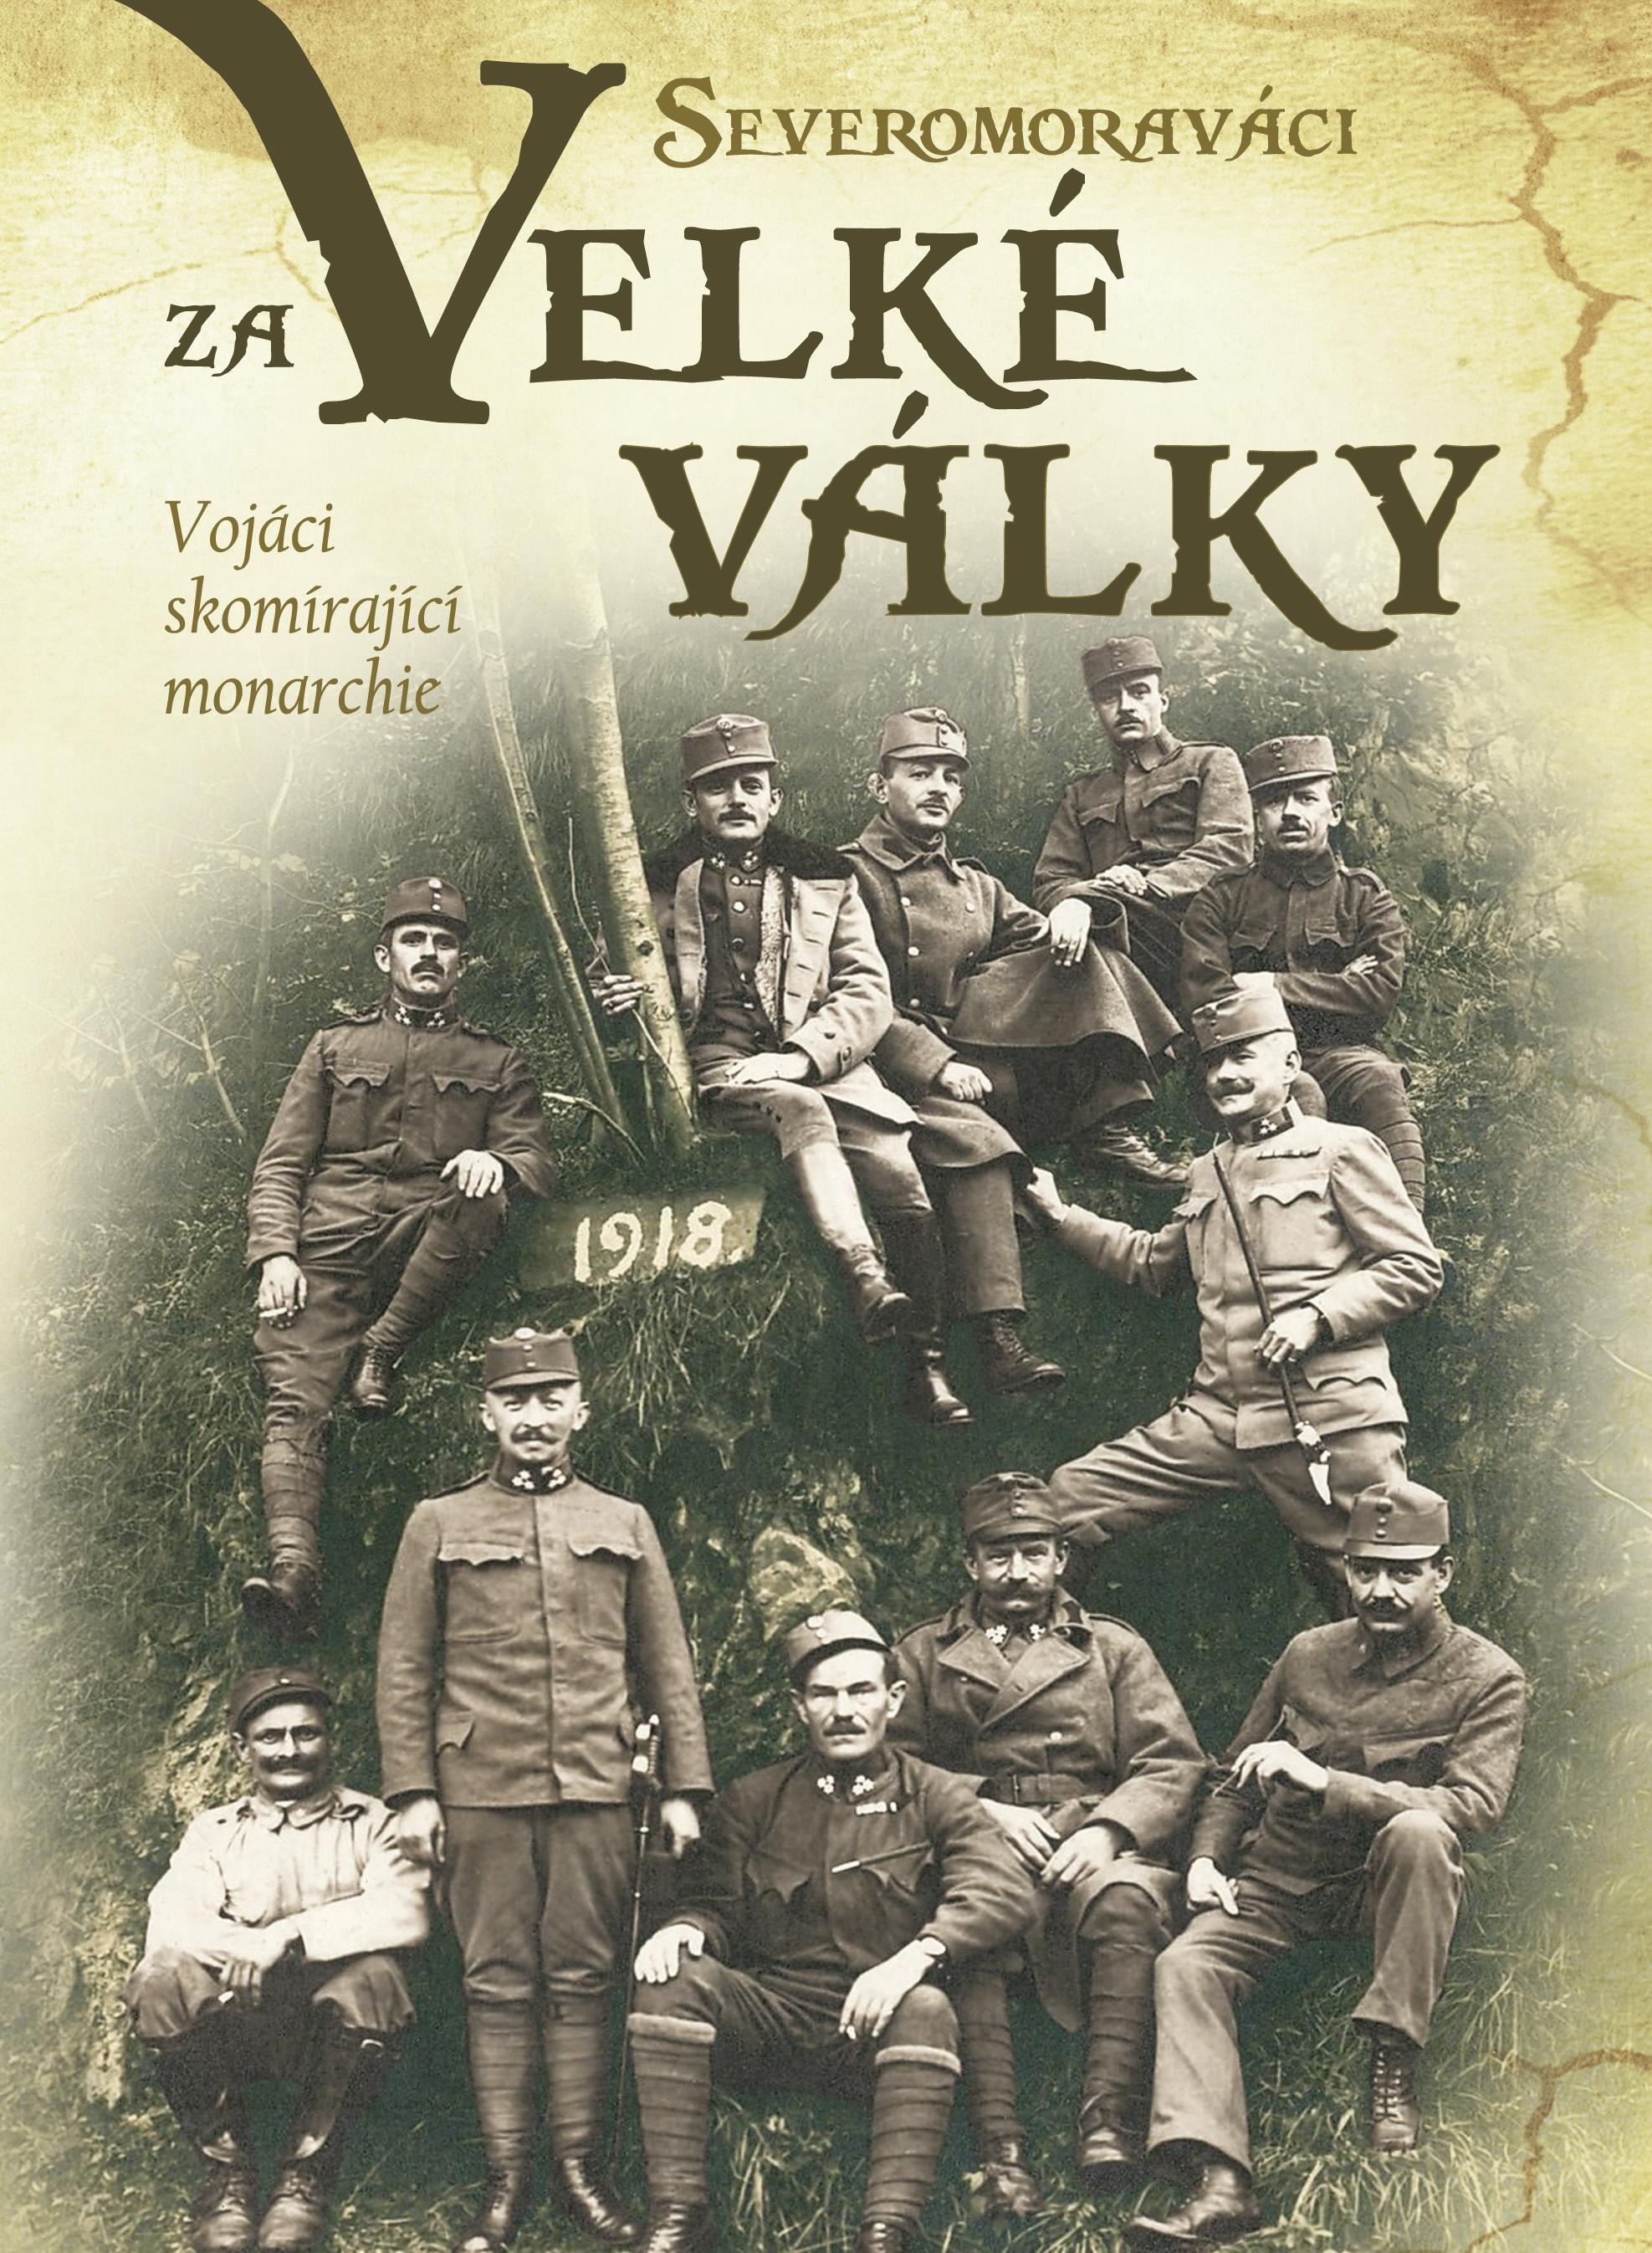 Severomoraváci za Velké války - III. díl zdroj:VMŠ